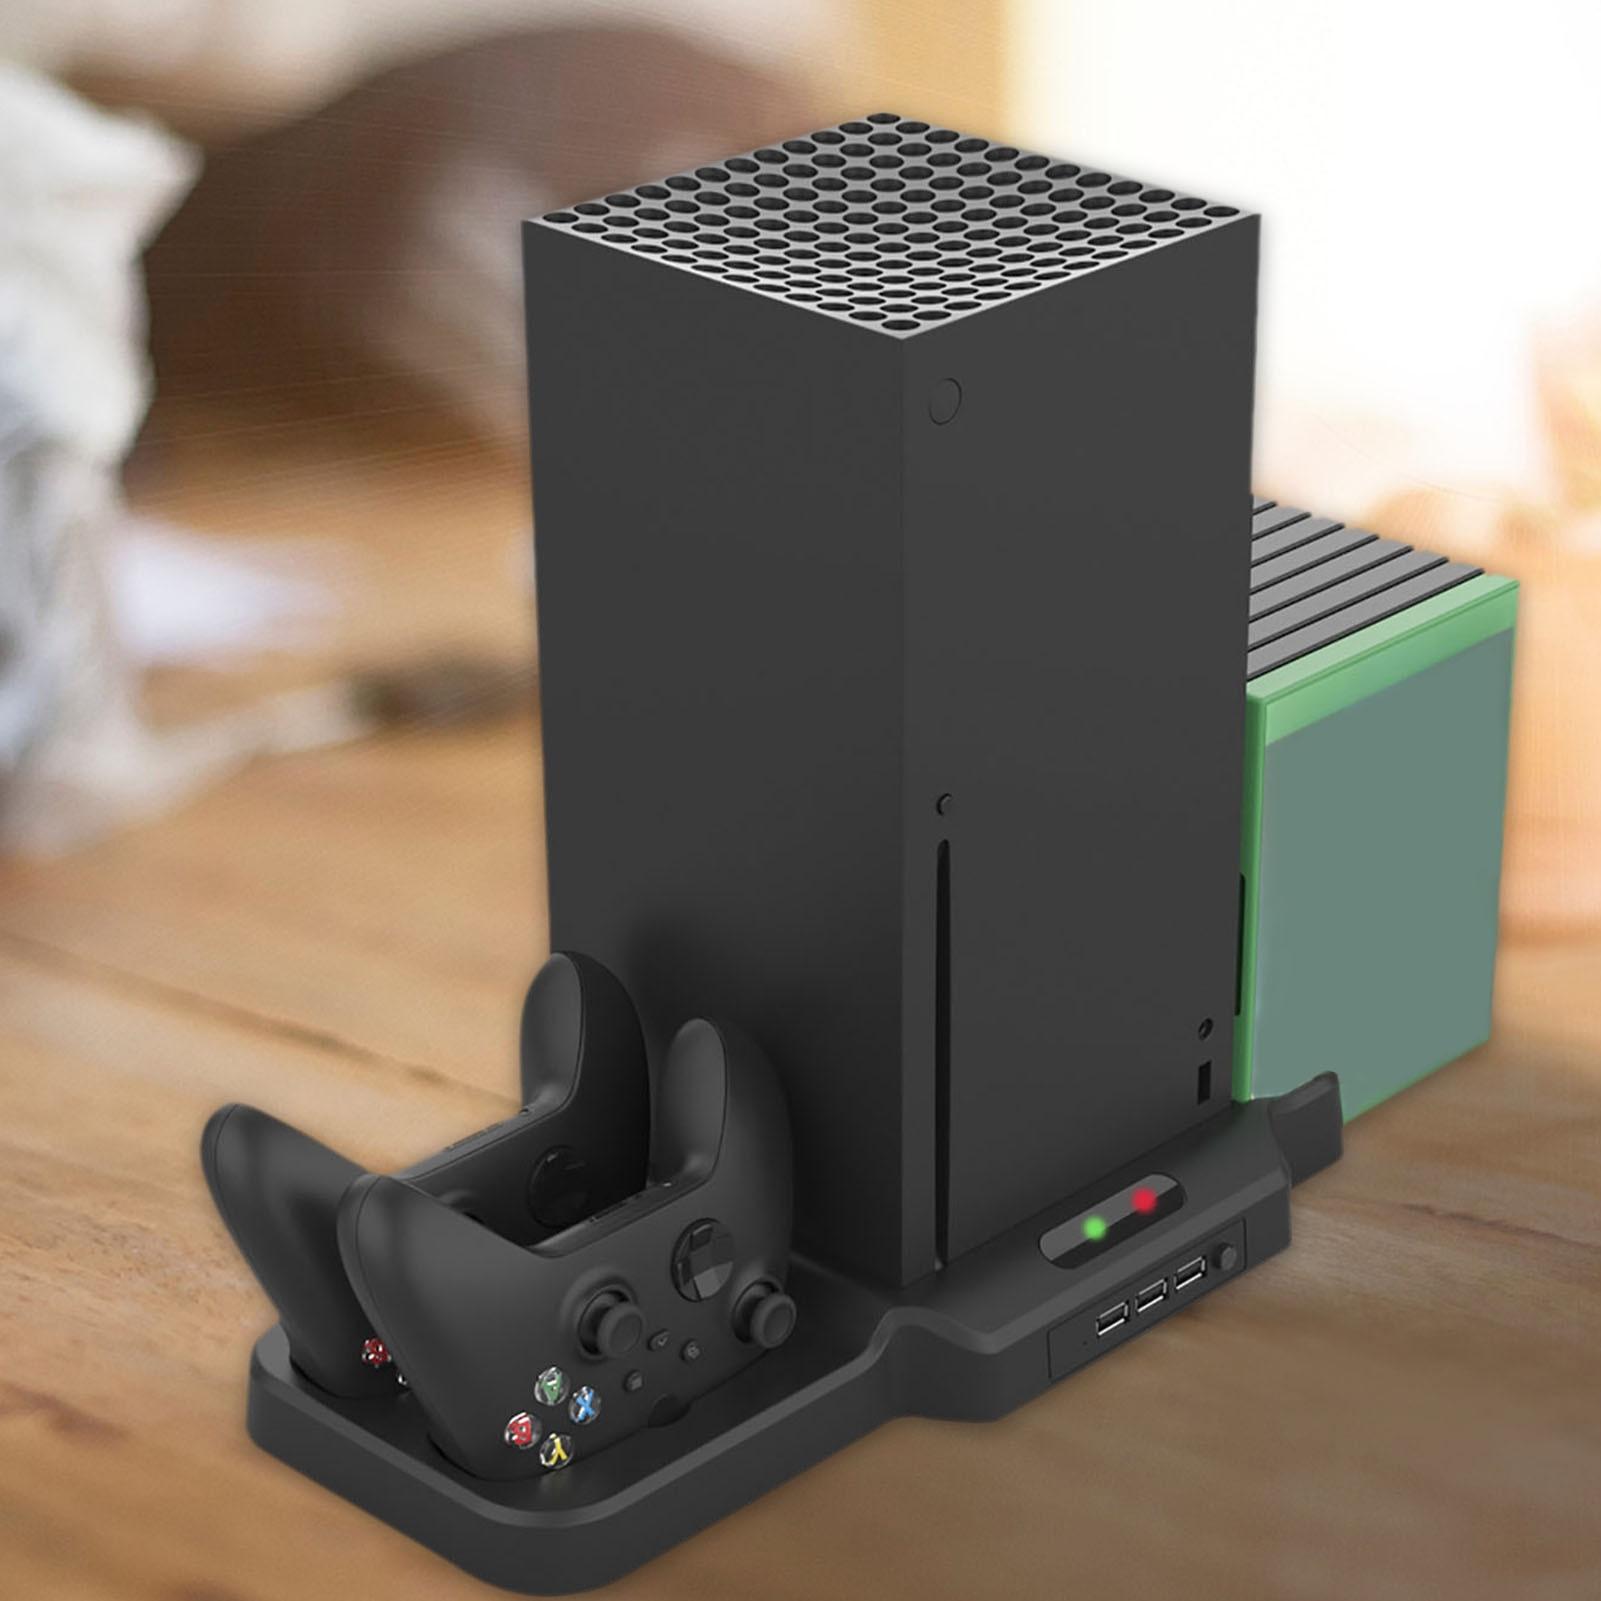 حامل رأسي مع مراوح تبريد ، وحدة تحكم مزدوجة لجهاز Xbox Series X S ، محطة شحن ، تبريد ، 11 قرص ألعاب